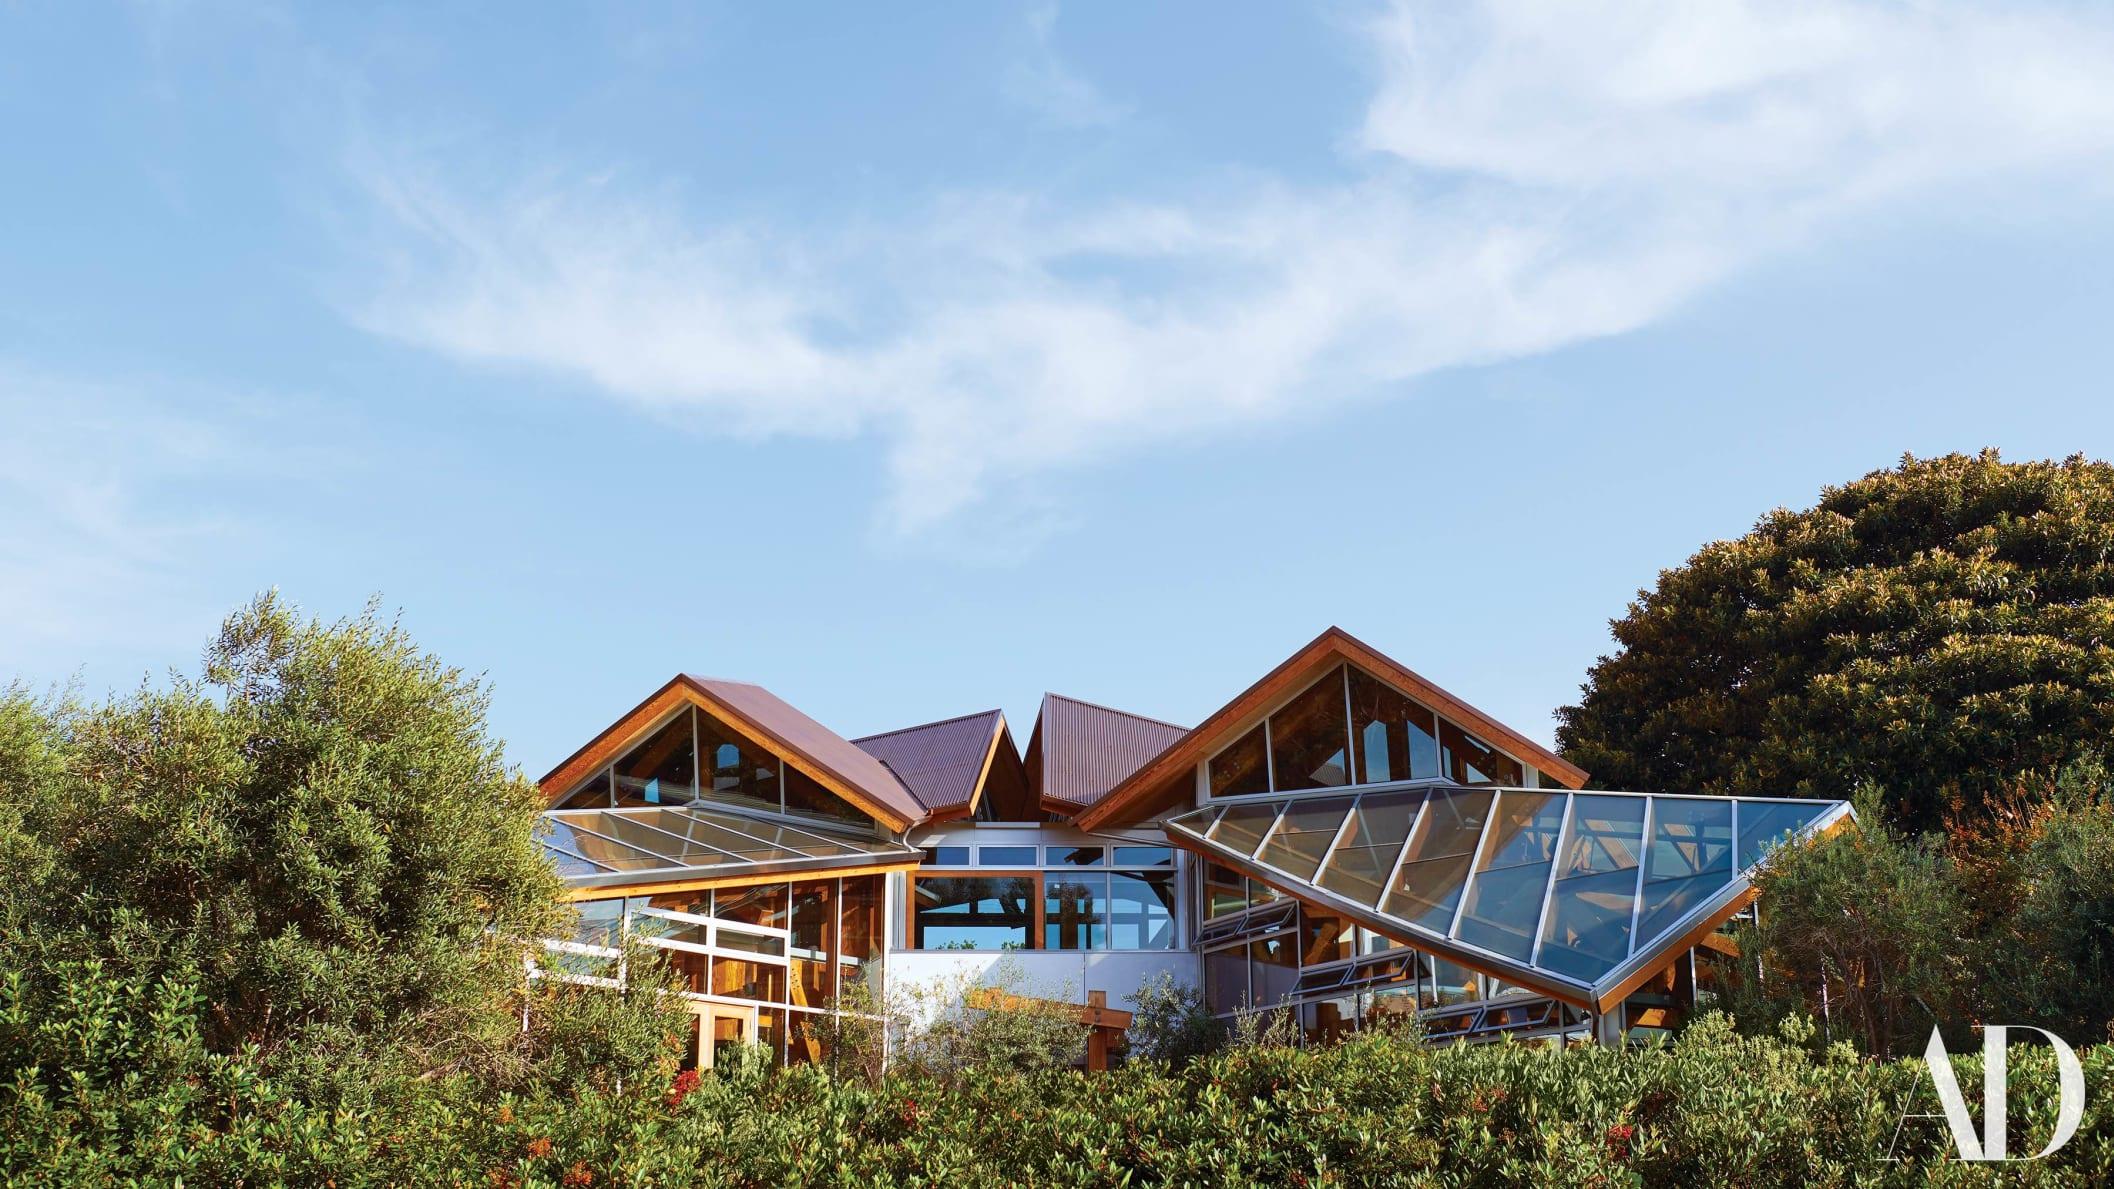 在壮观的家里,弗兰克盖里为自己建造